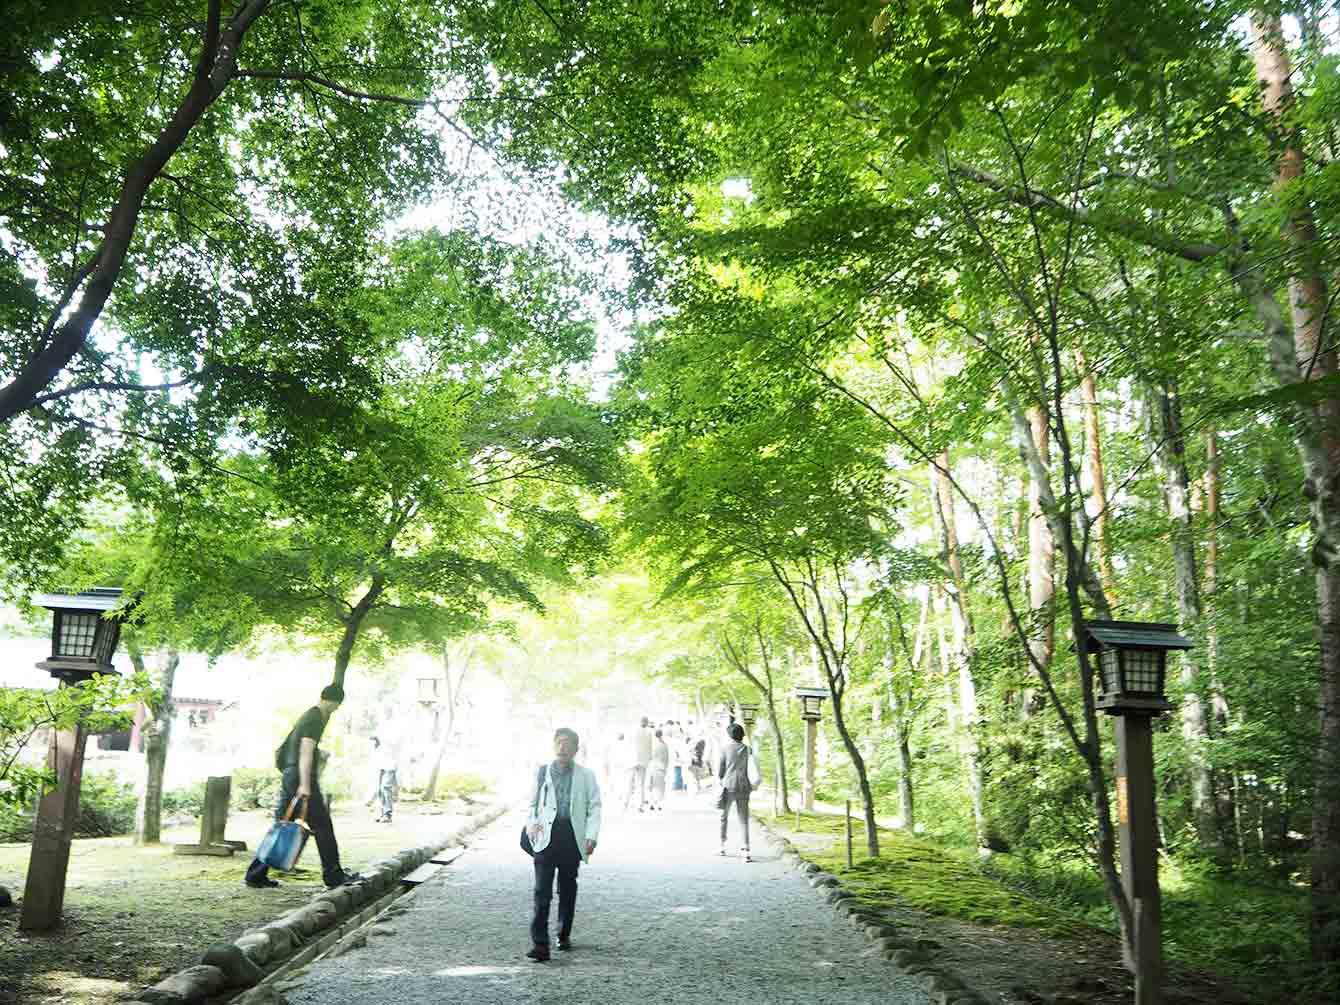 緑が多く涼しい身曾岐神社境内。場所は山梨県の小淵沢。